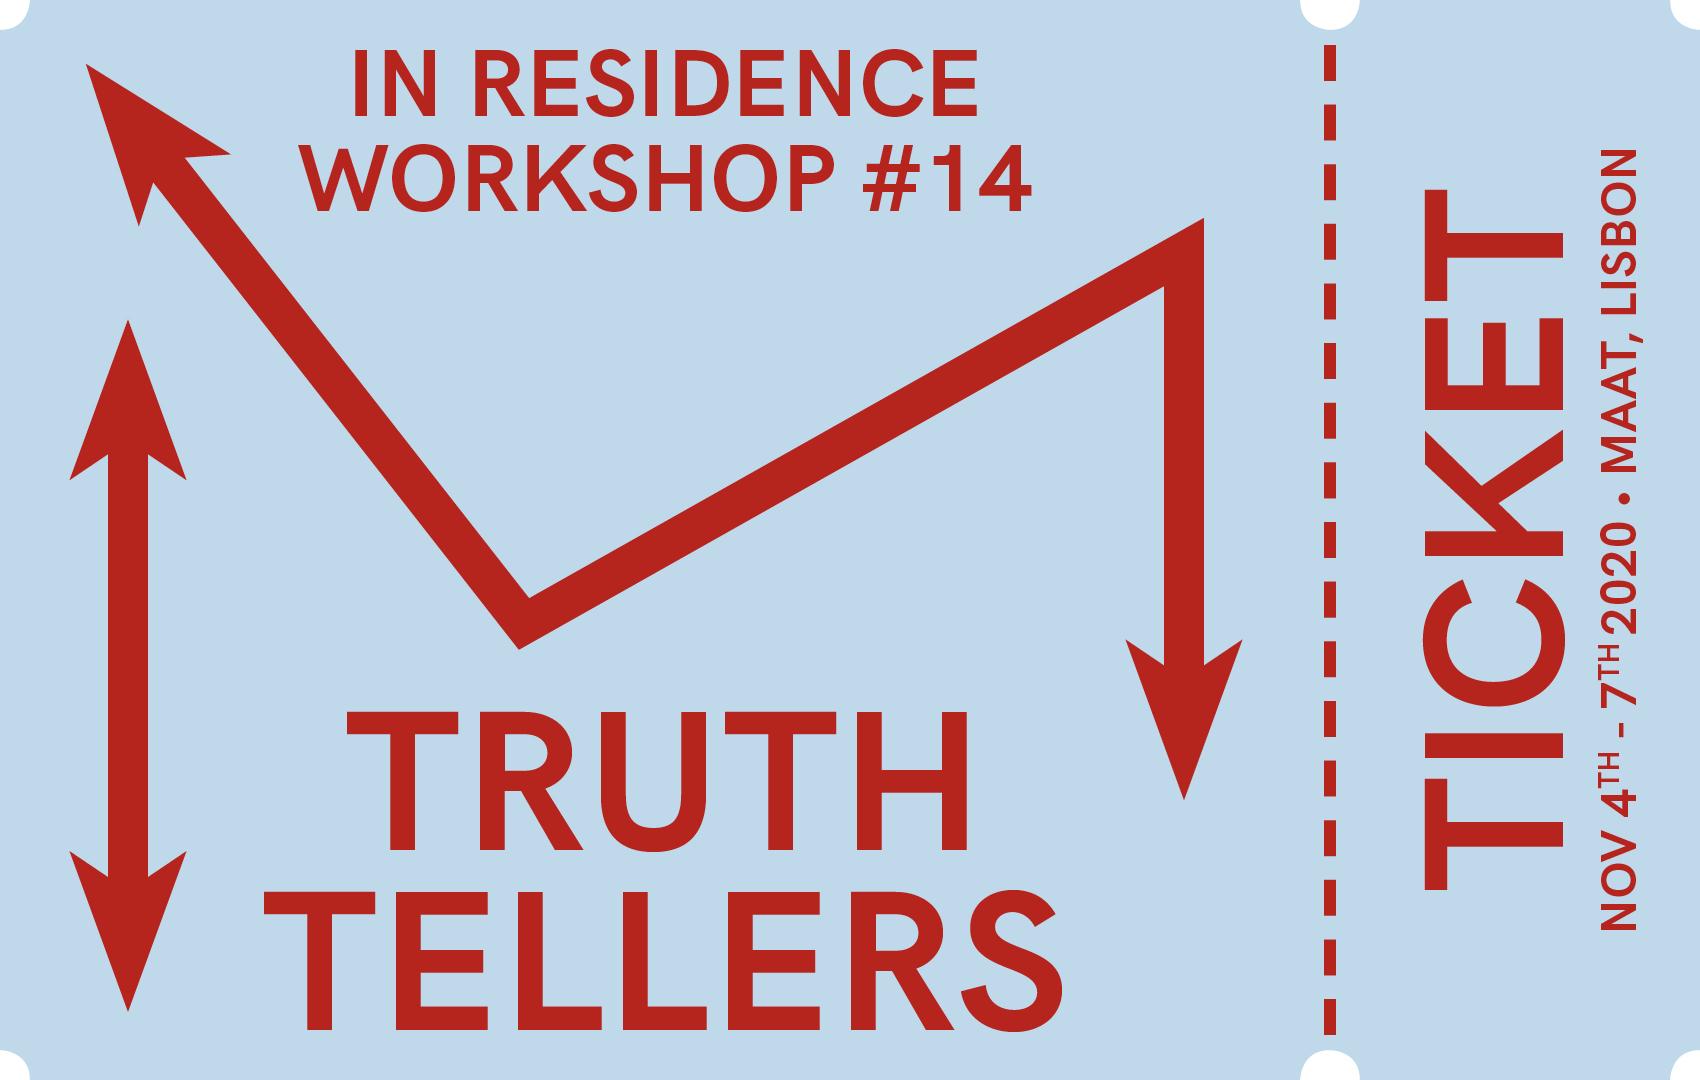 WORKSHOP #14: TRUTH TELLERS